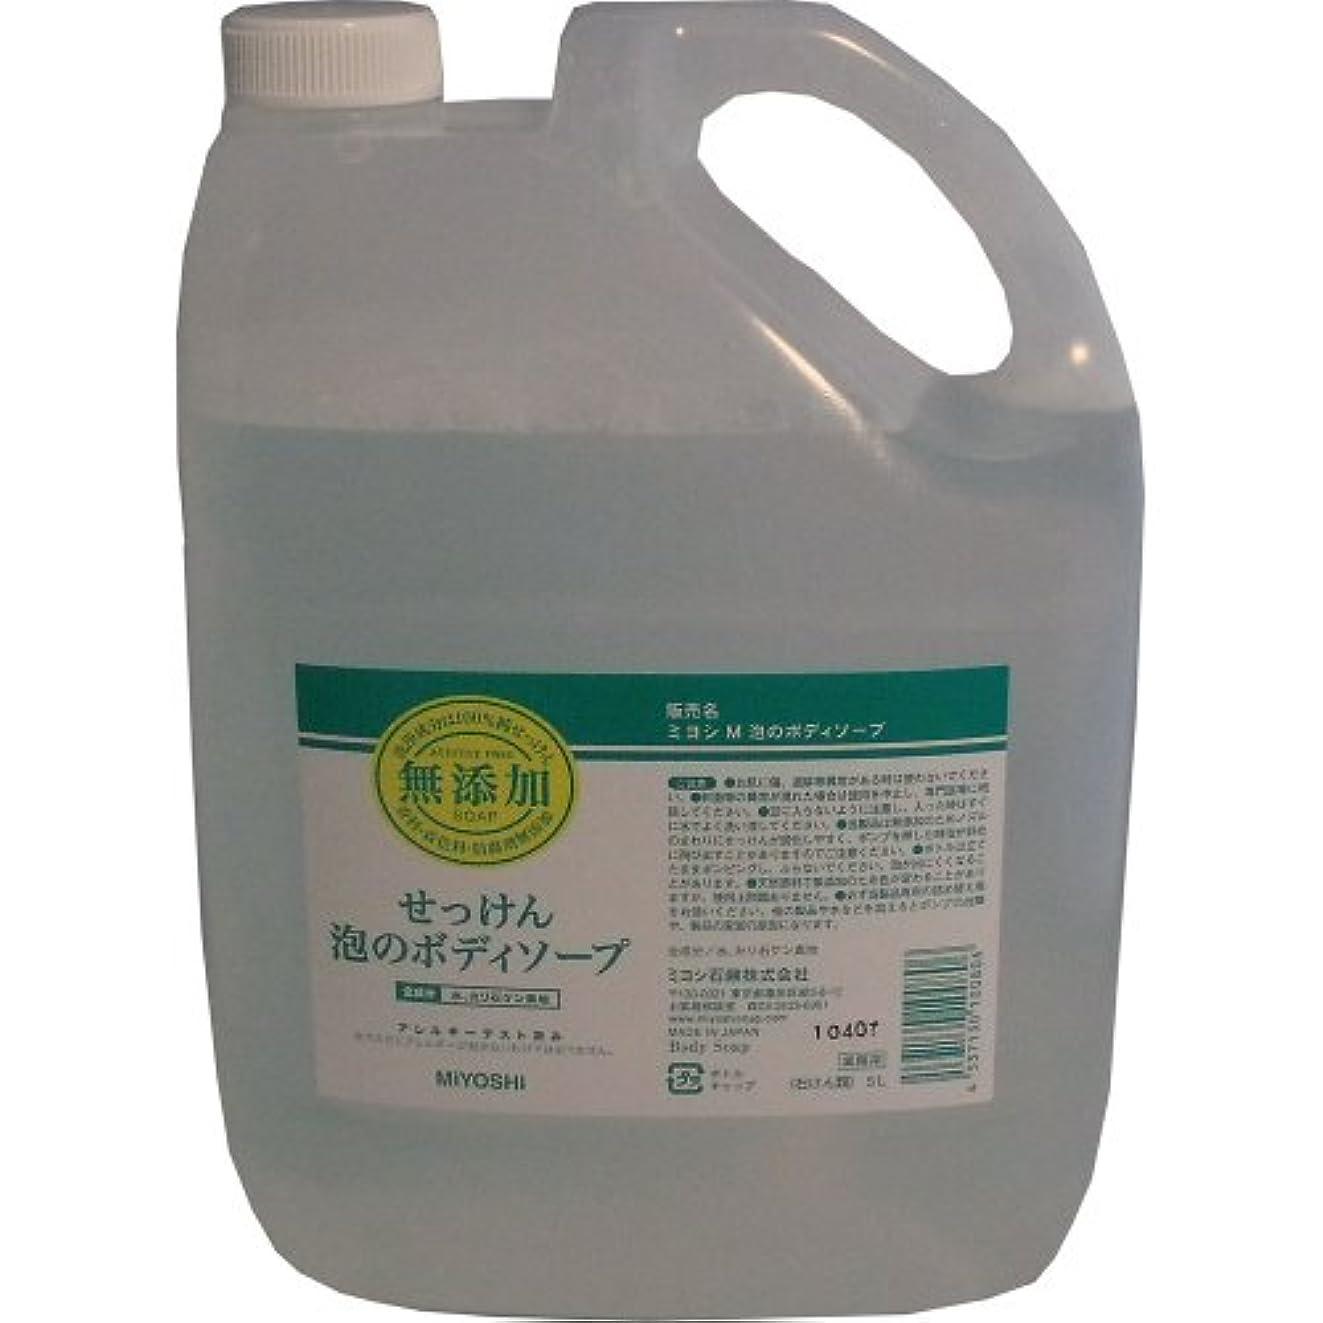 調べるビヨン半島ミヨシ石鹸 業務用 無添加せっけん 泡のボディソープ 詰め替え用 5Lサイズ×4点セット